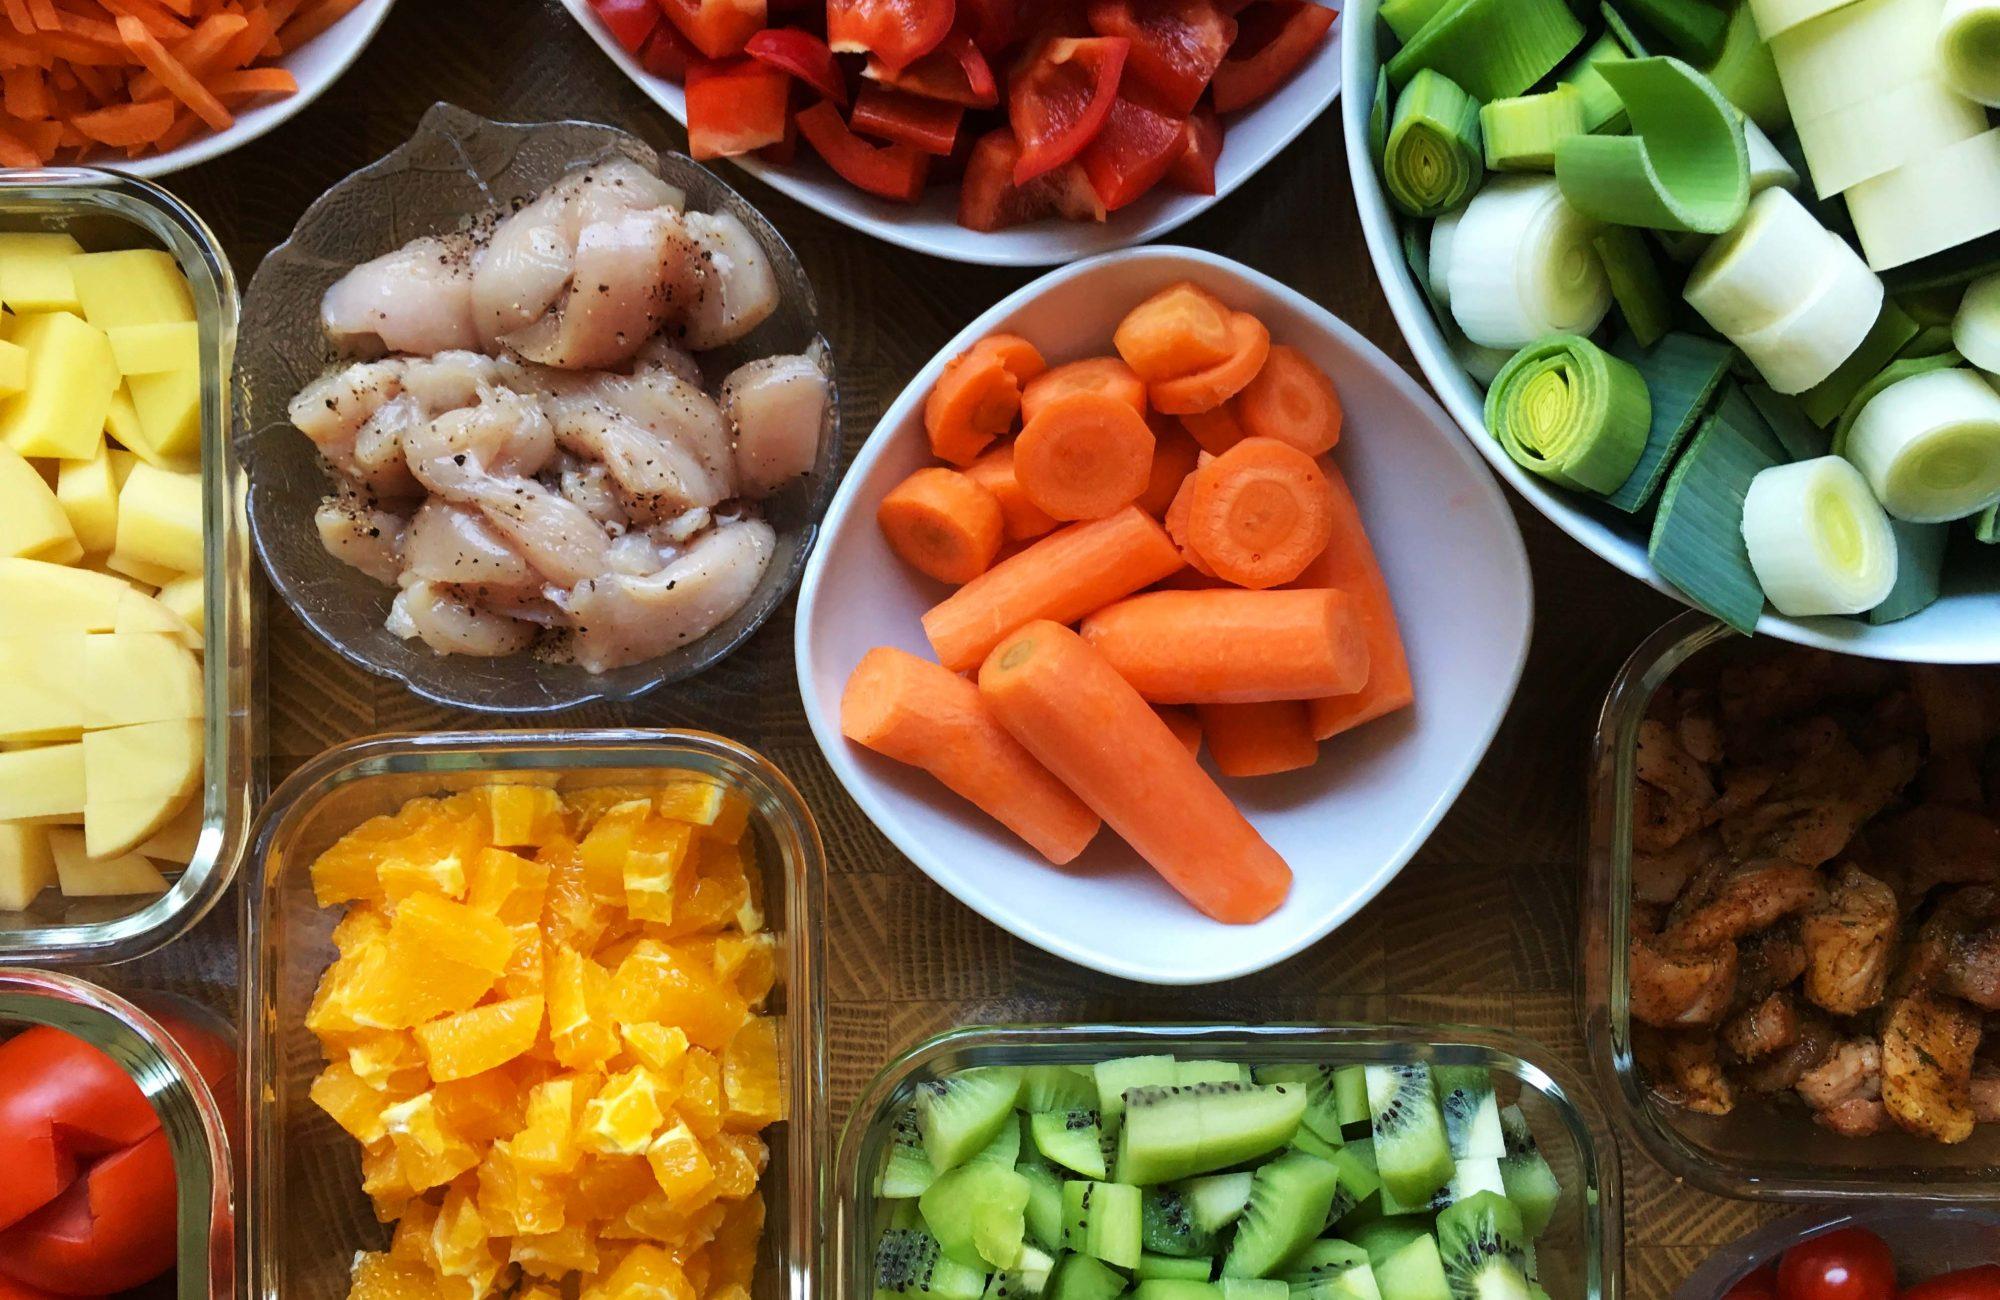 Geschnittenes Obst, Gemüse und Fleisch